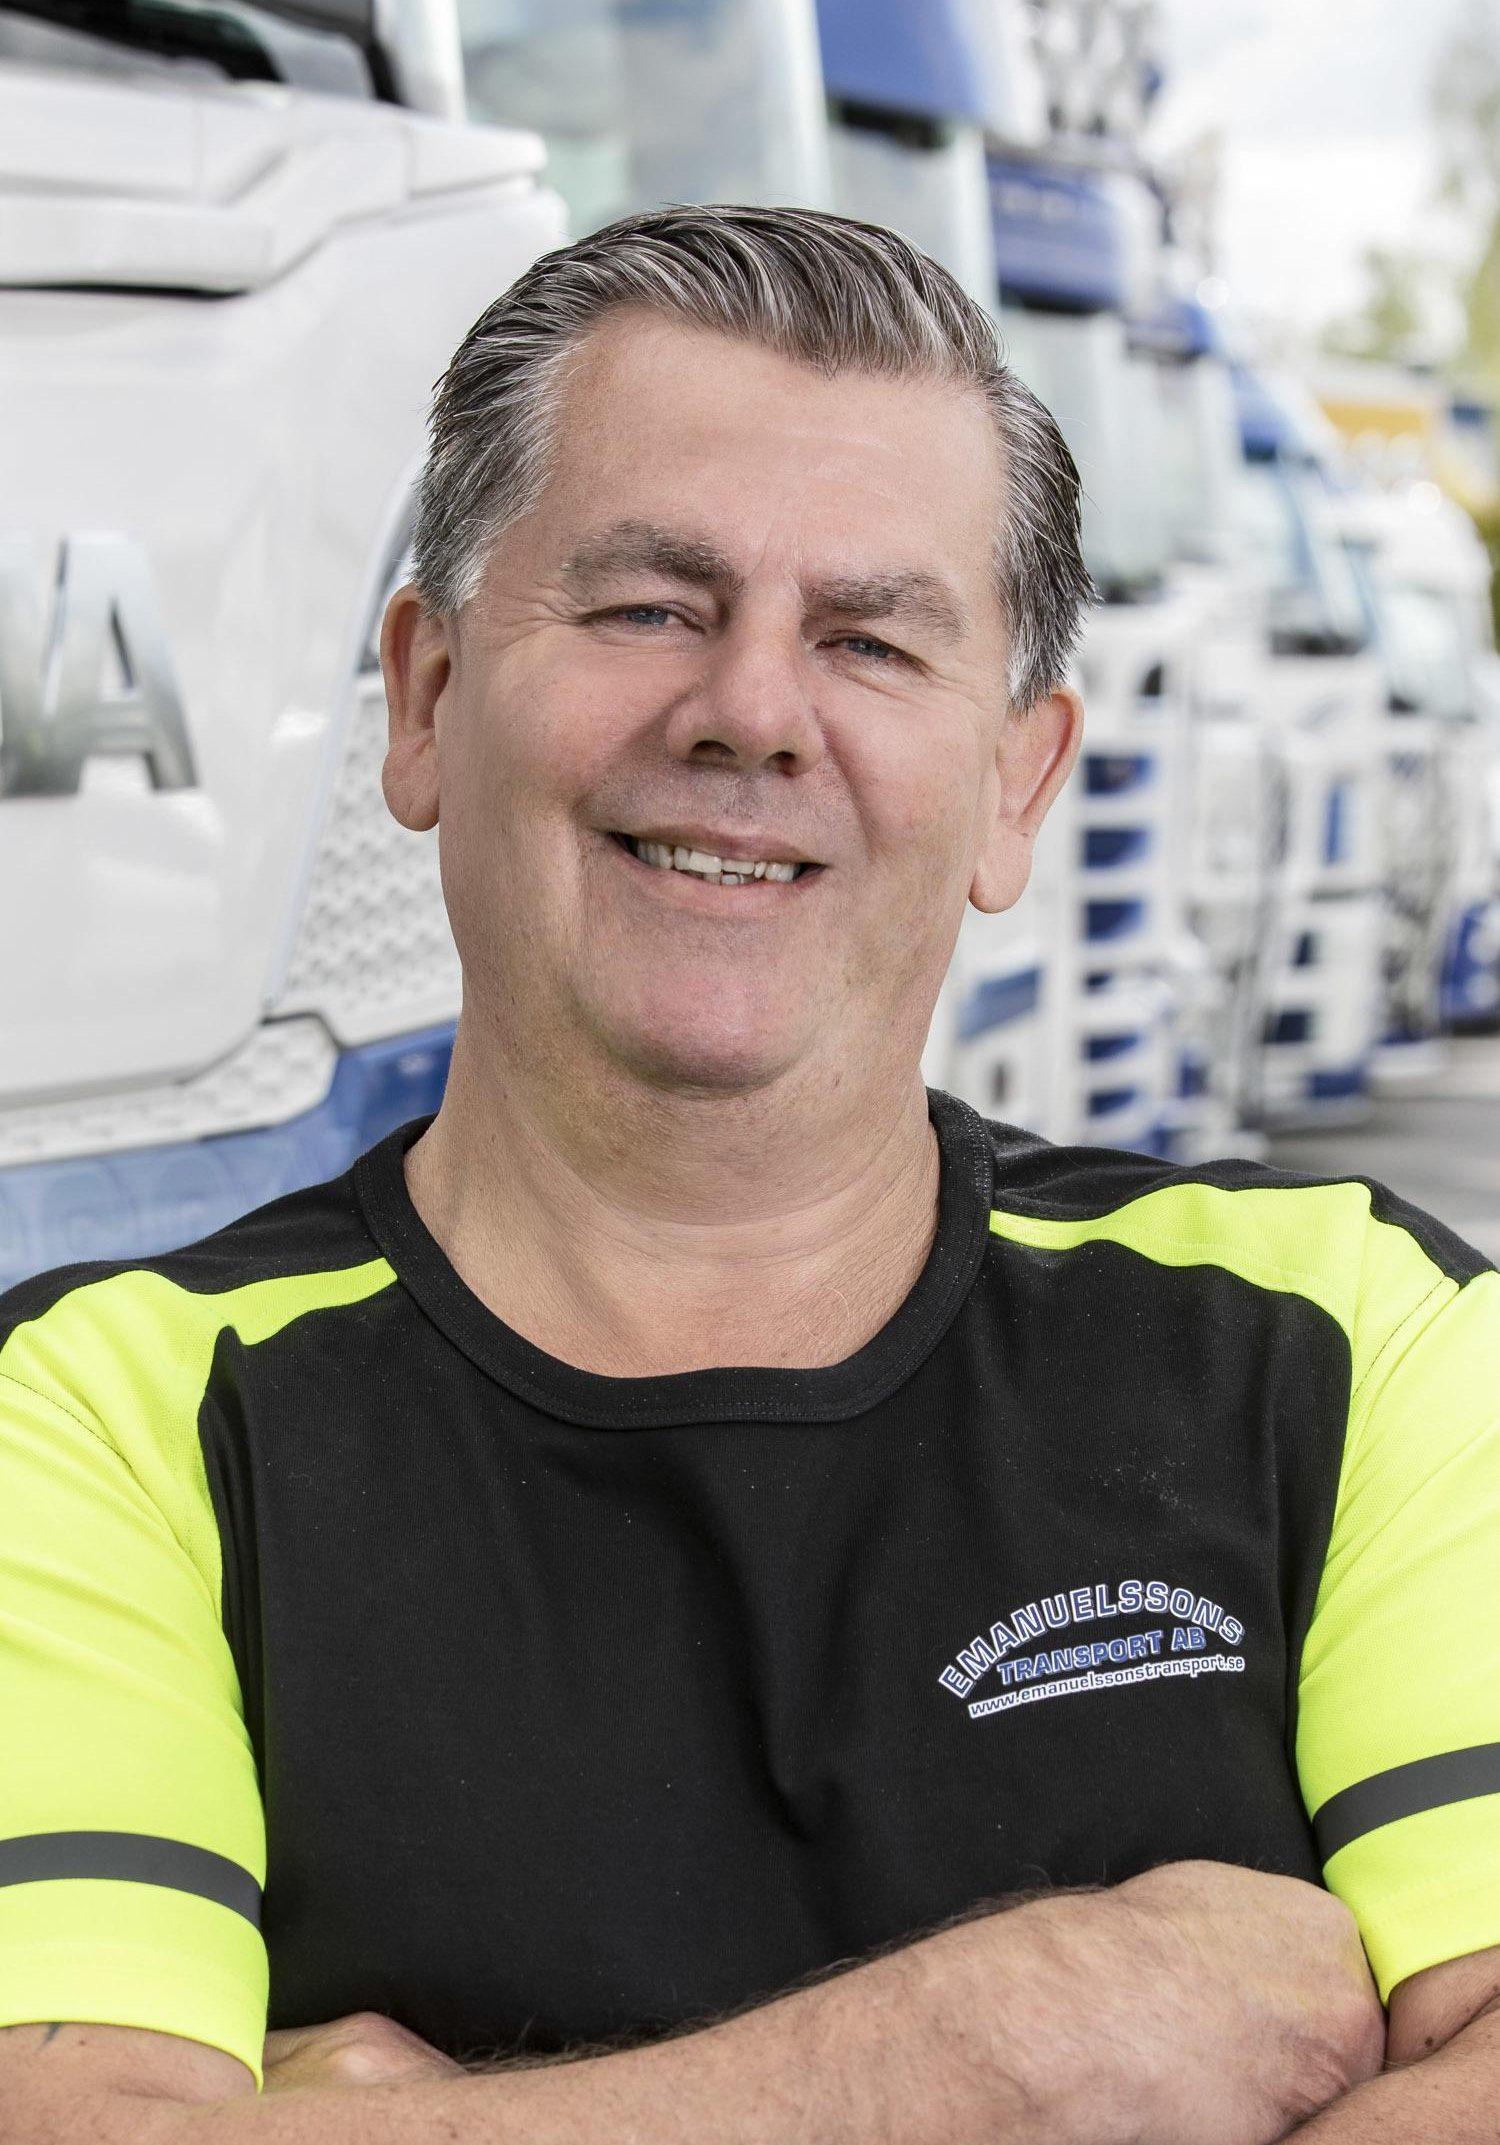 Stefan Helge